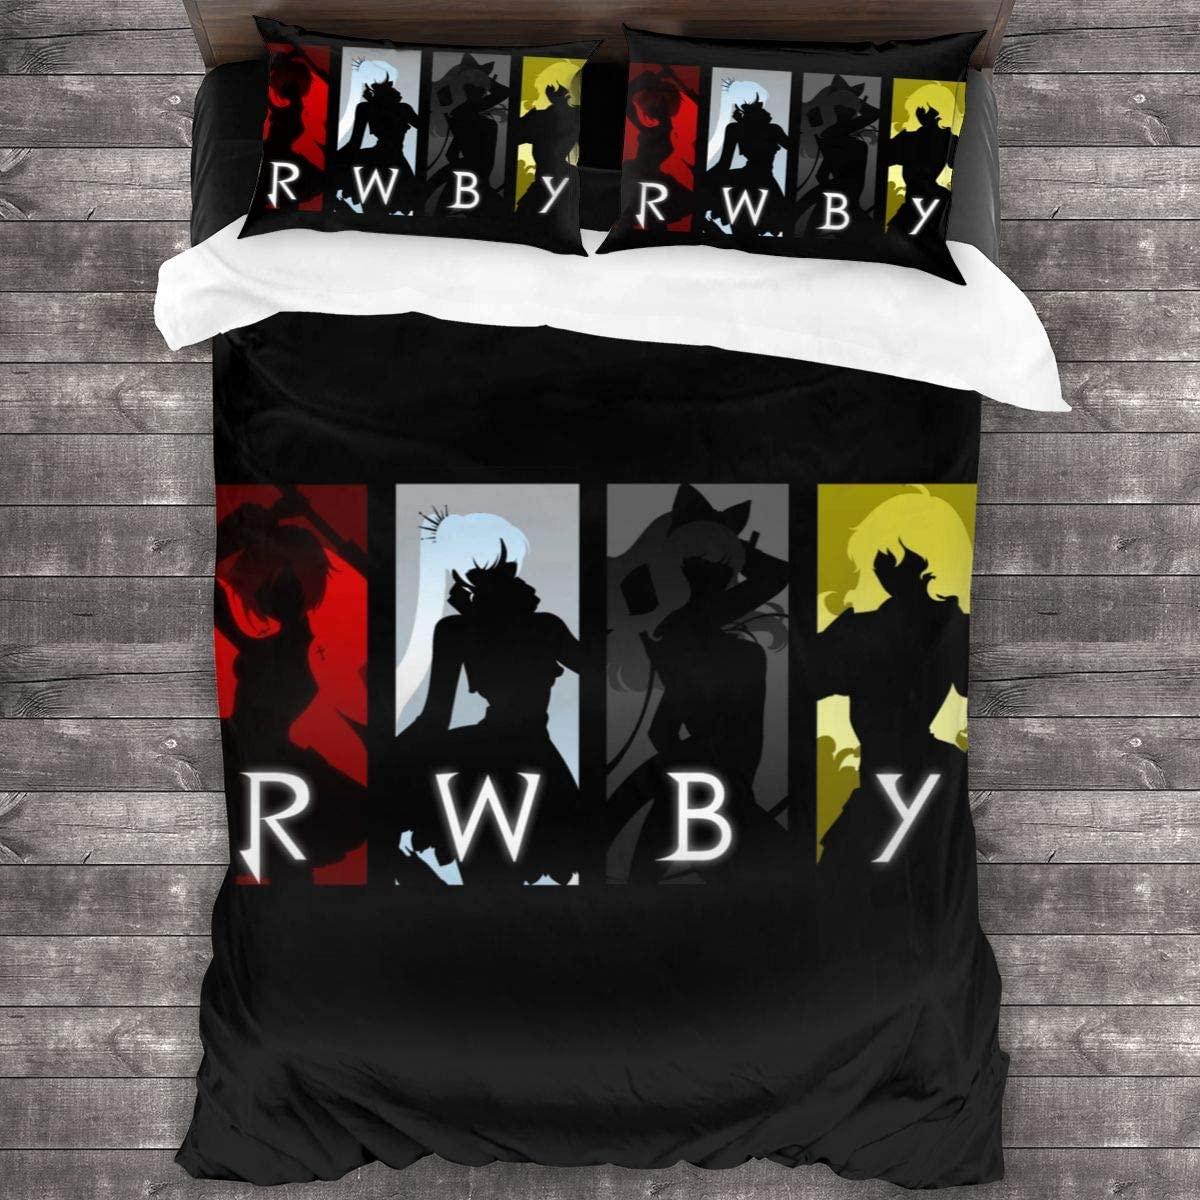 3 قطعة طباعة الفراش RWBY حاف مجموعة غطاء لينة (لا المعزي) طقم سرير (1 حاف الغطاء 2 وسادة شمس)